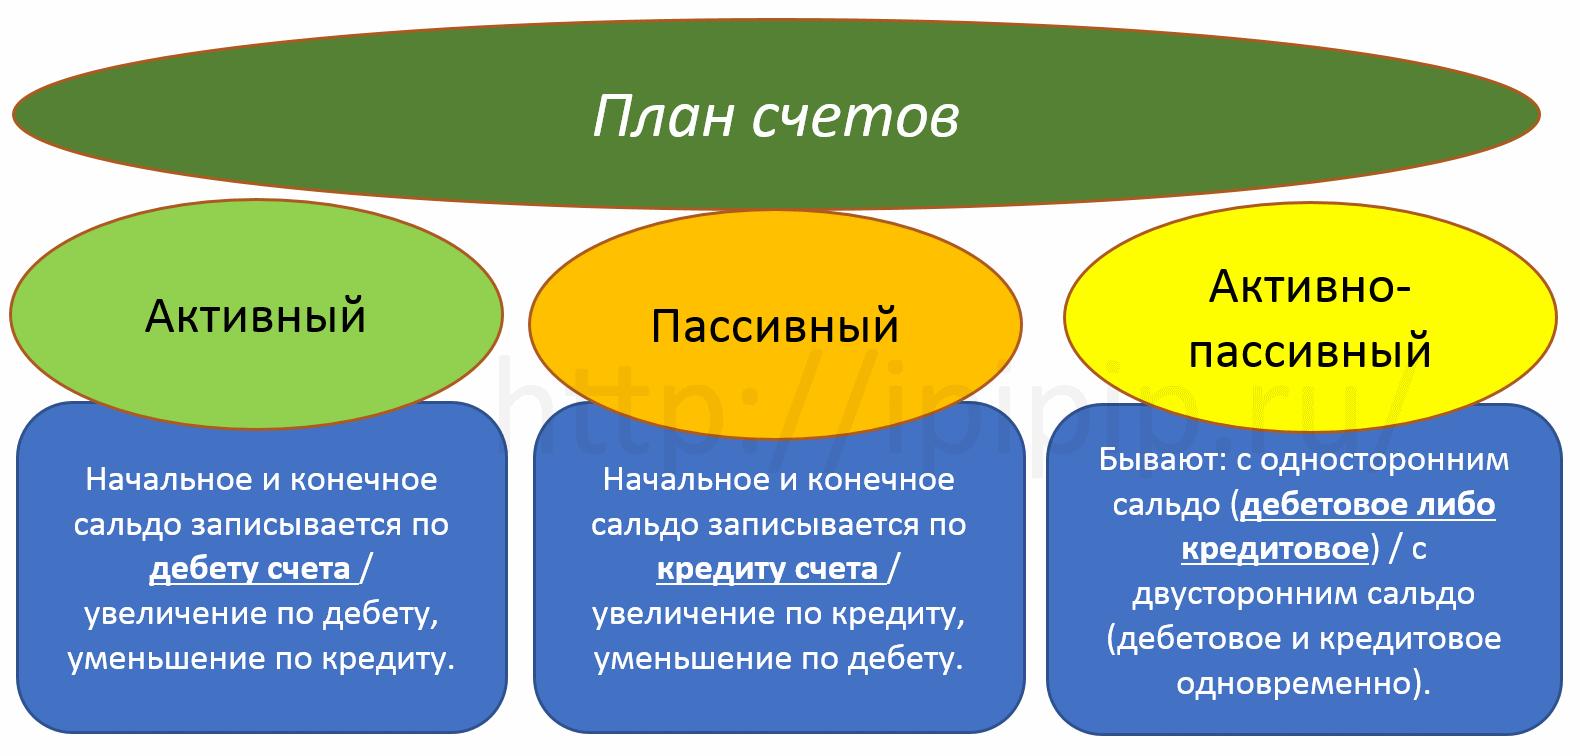 план счетов в кредитных организациях норм документы